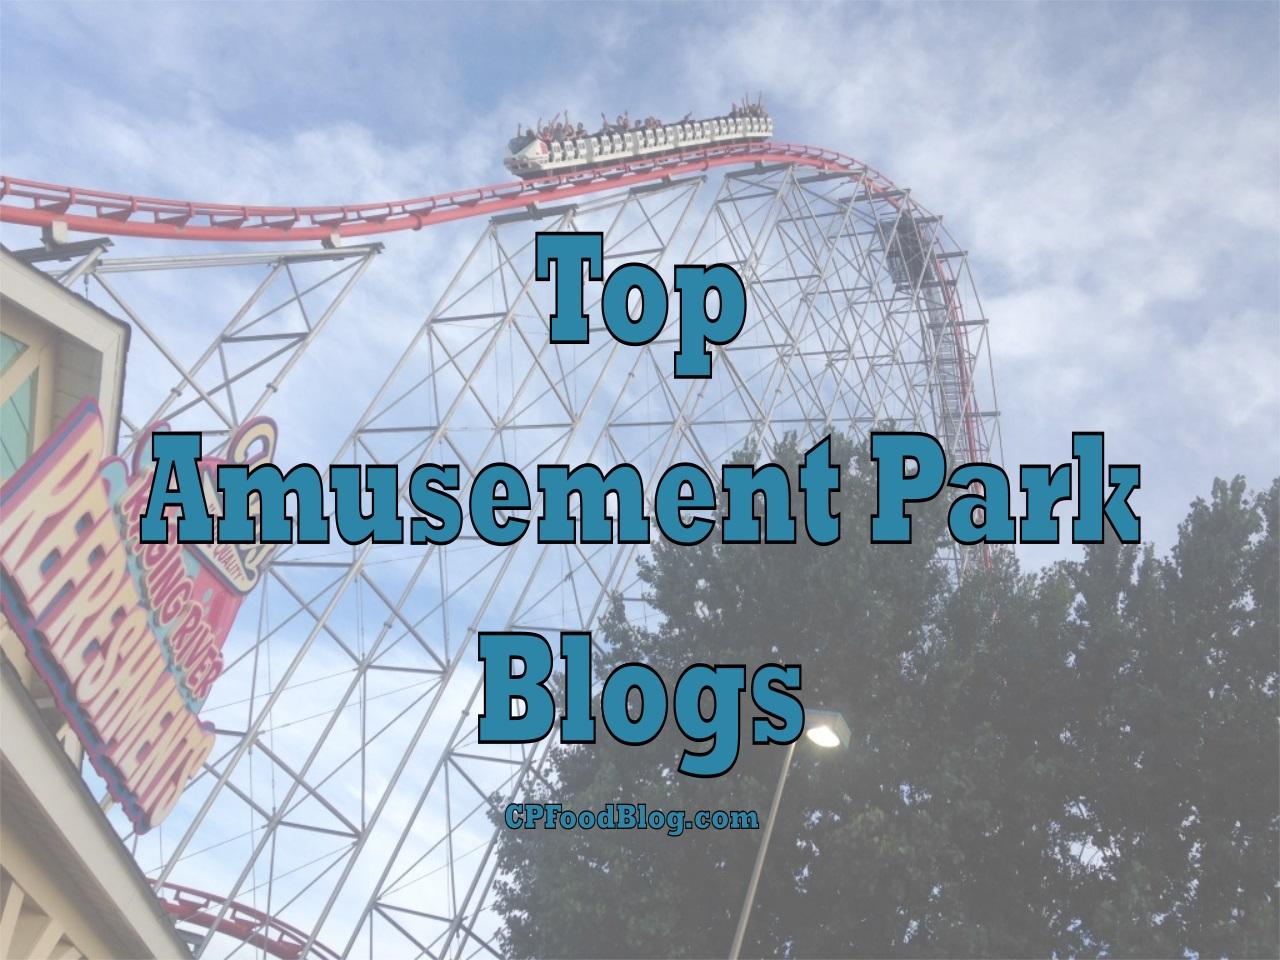 Top Amusement Park Blogs